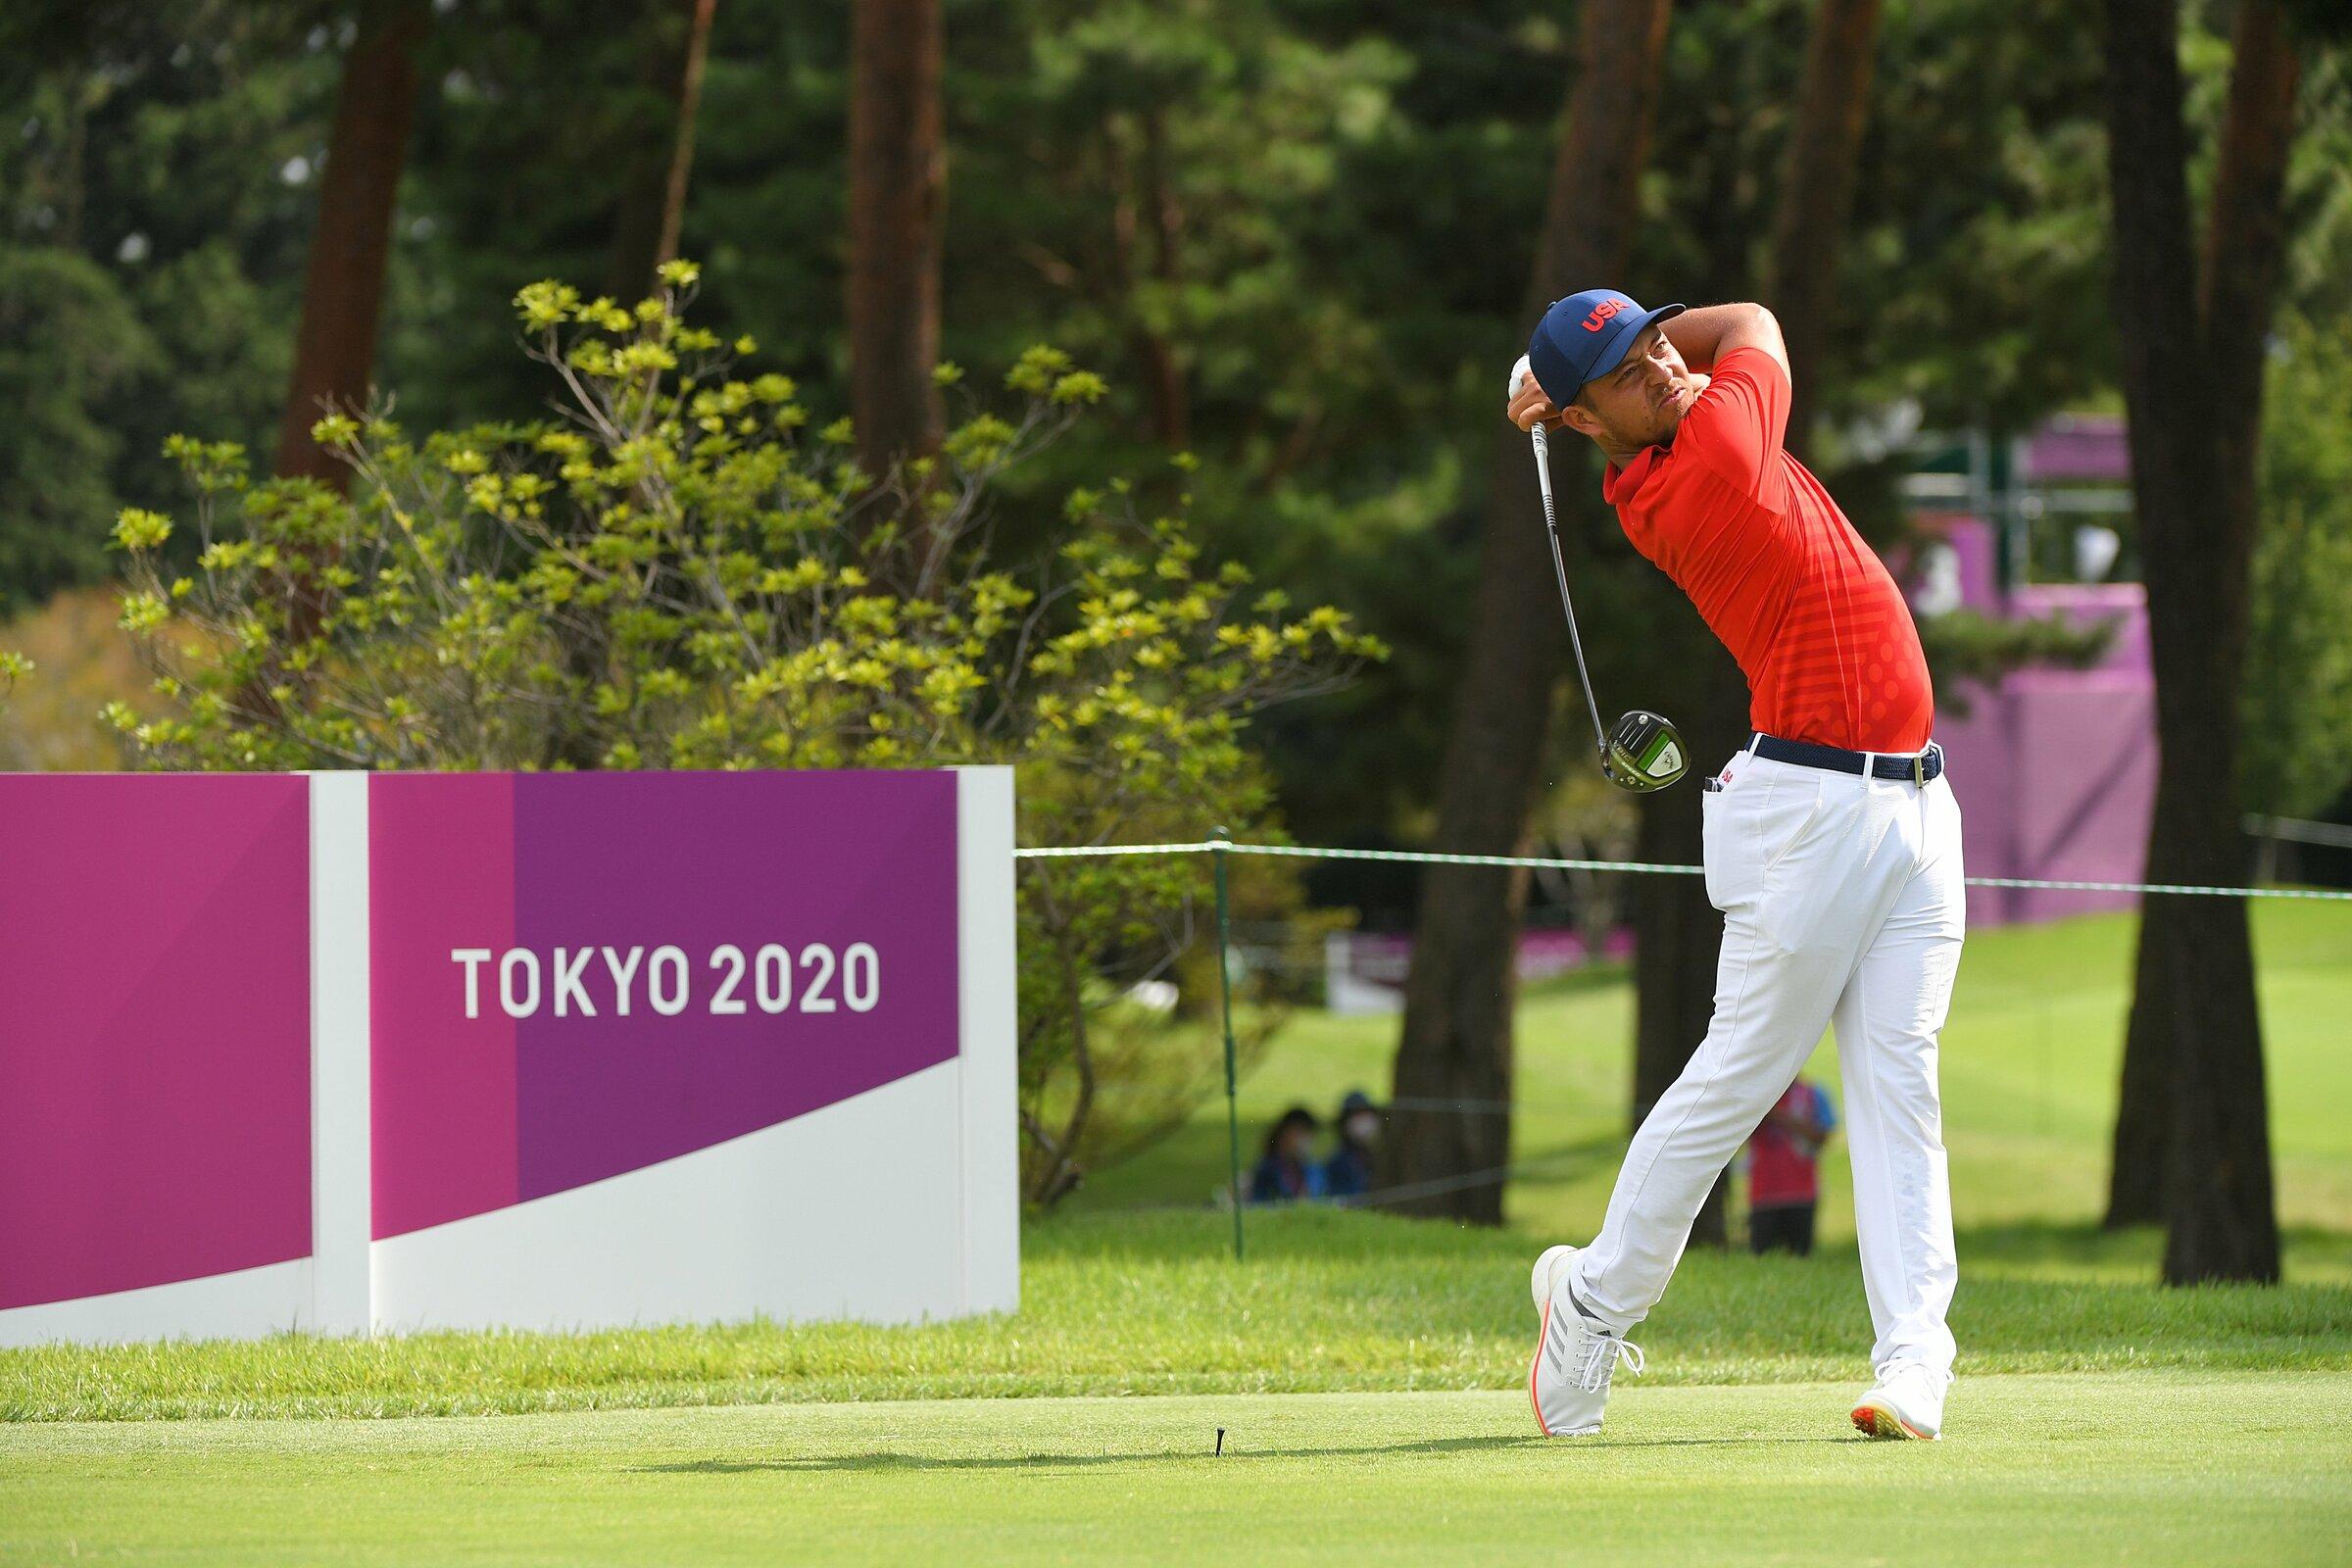 Schauffele adalah salah satu pegolf yang menyelesaikan putaran kedua pada 30 Juli dan mempertahankan puncak klasemen.  Foto: Tokyo 2020